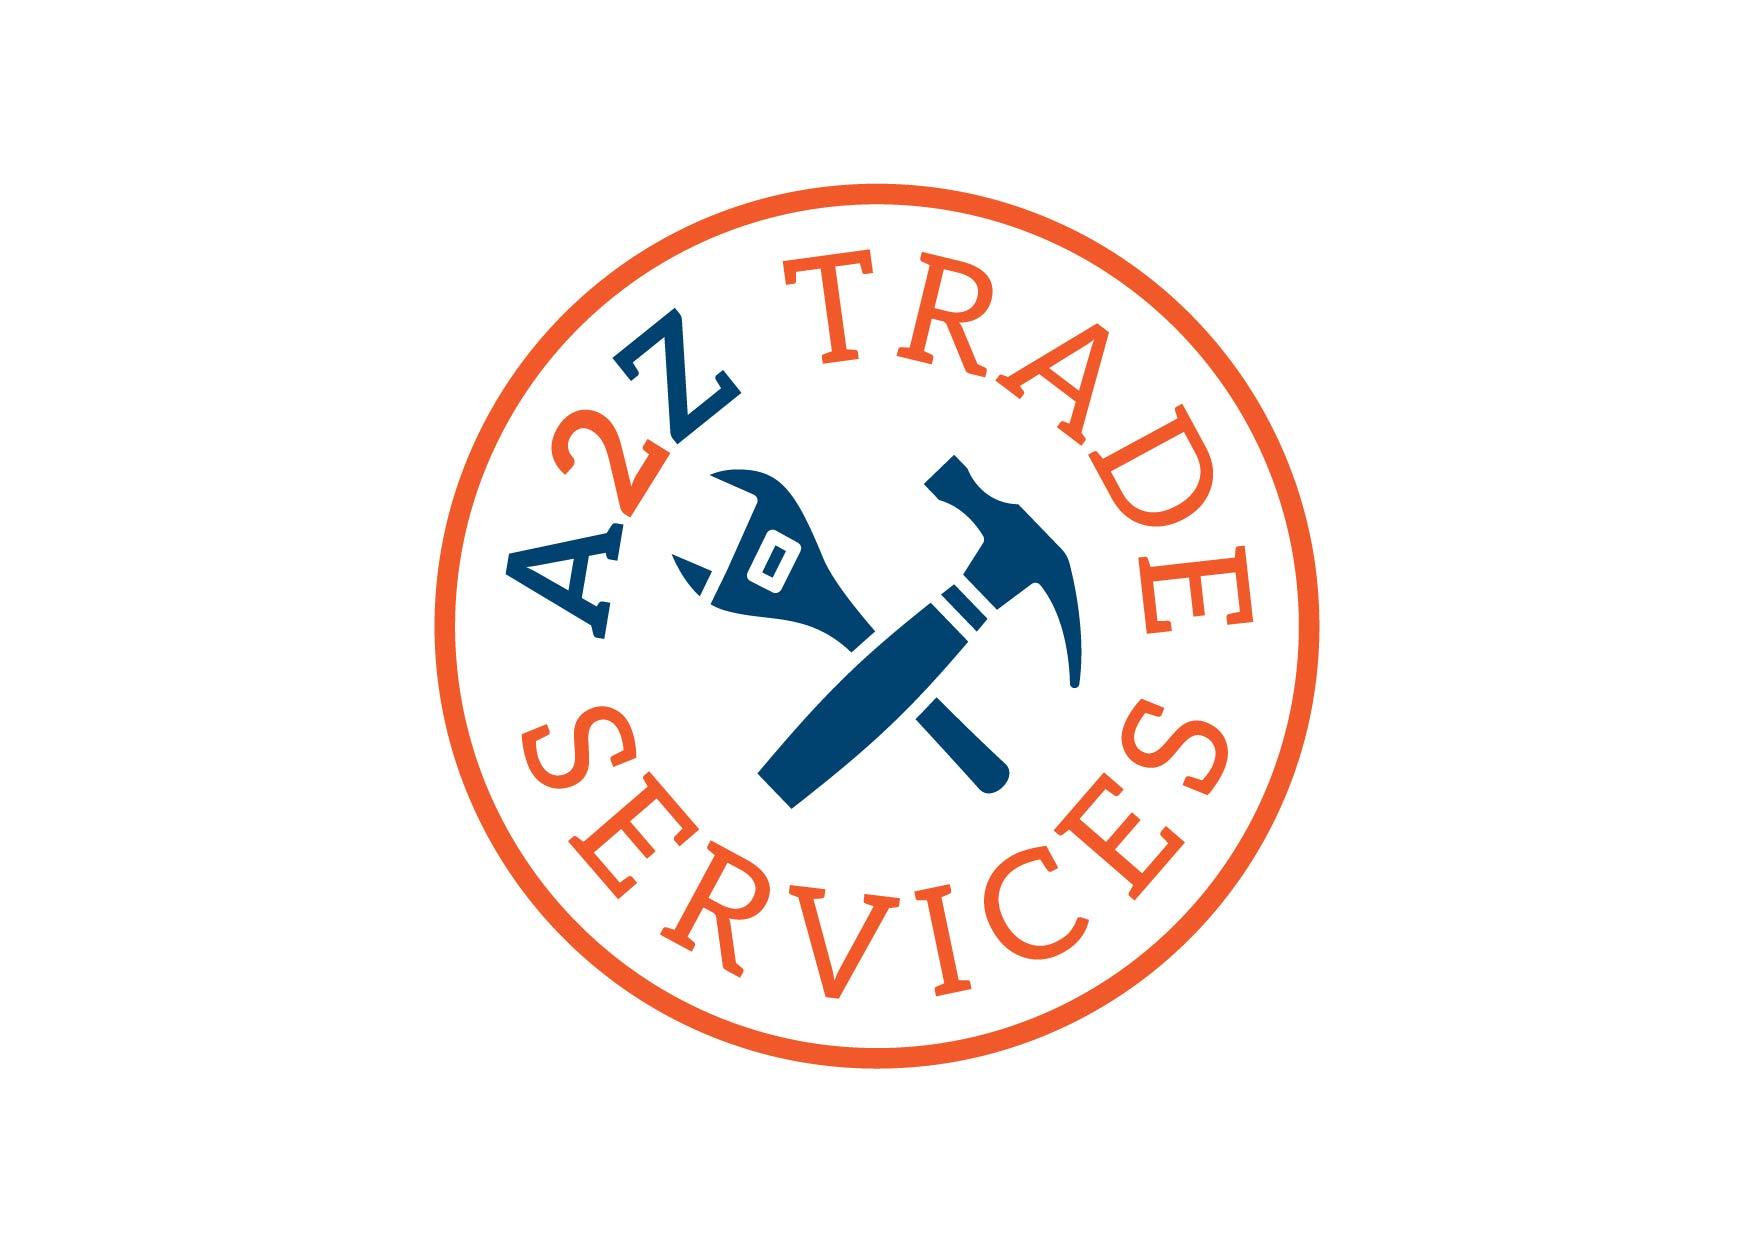 A2Z Trade Services